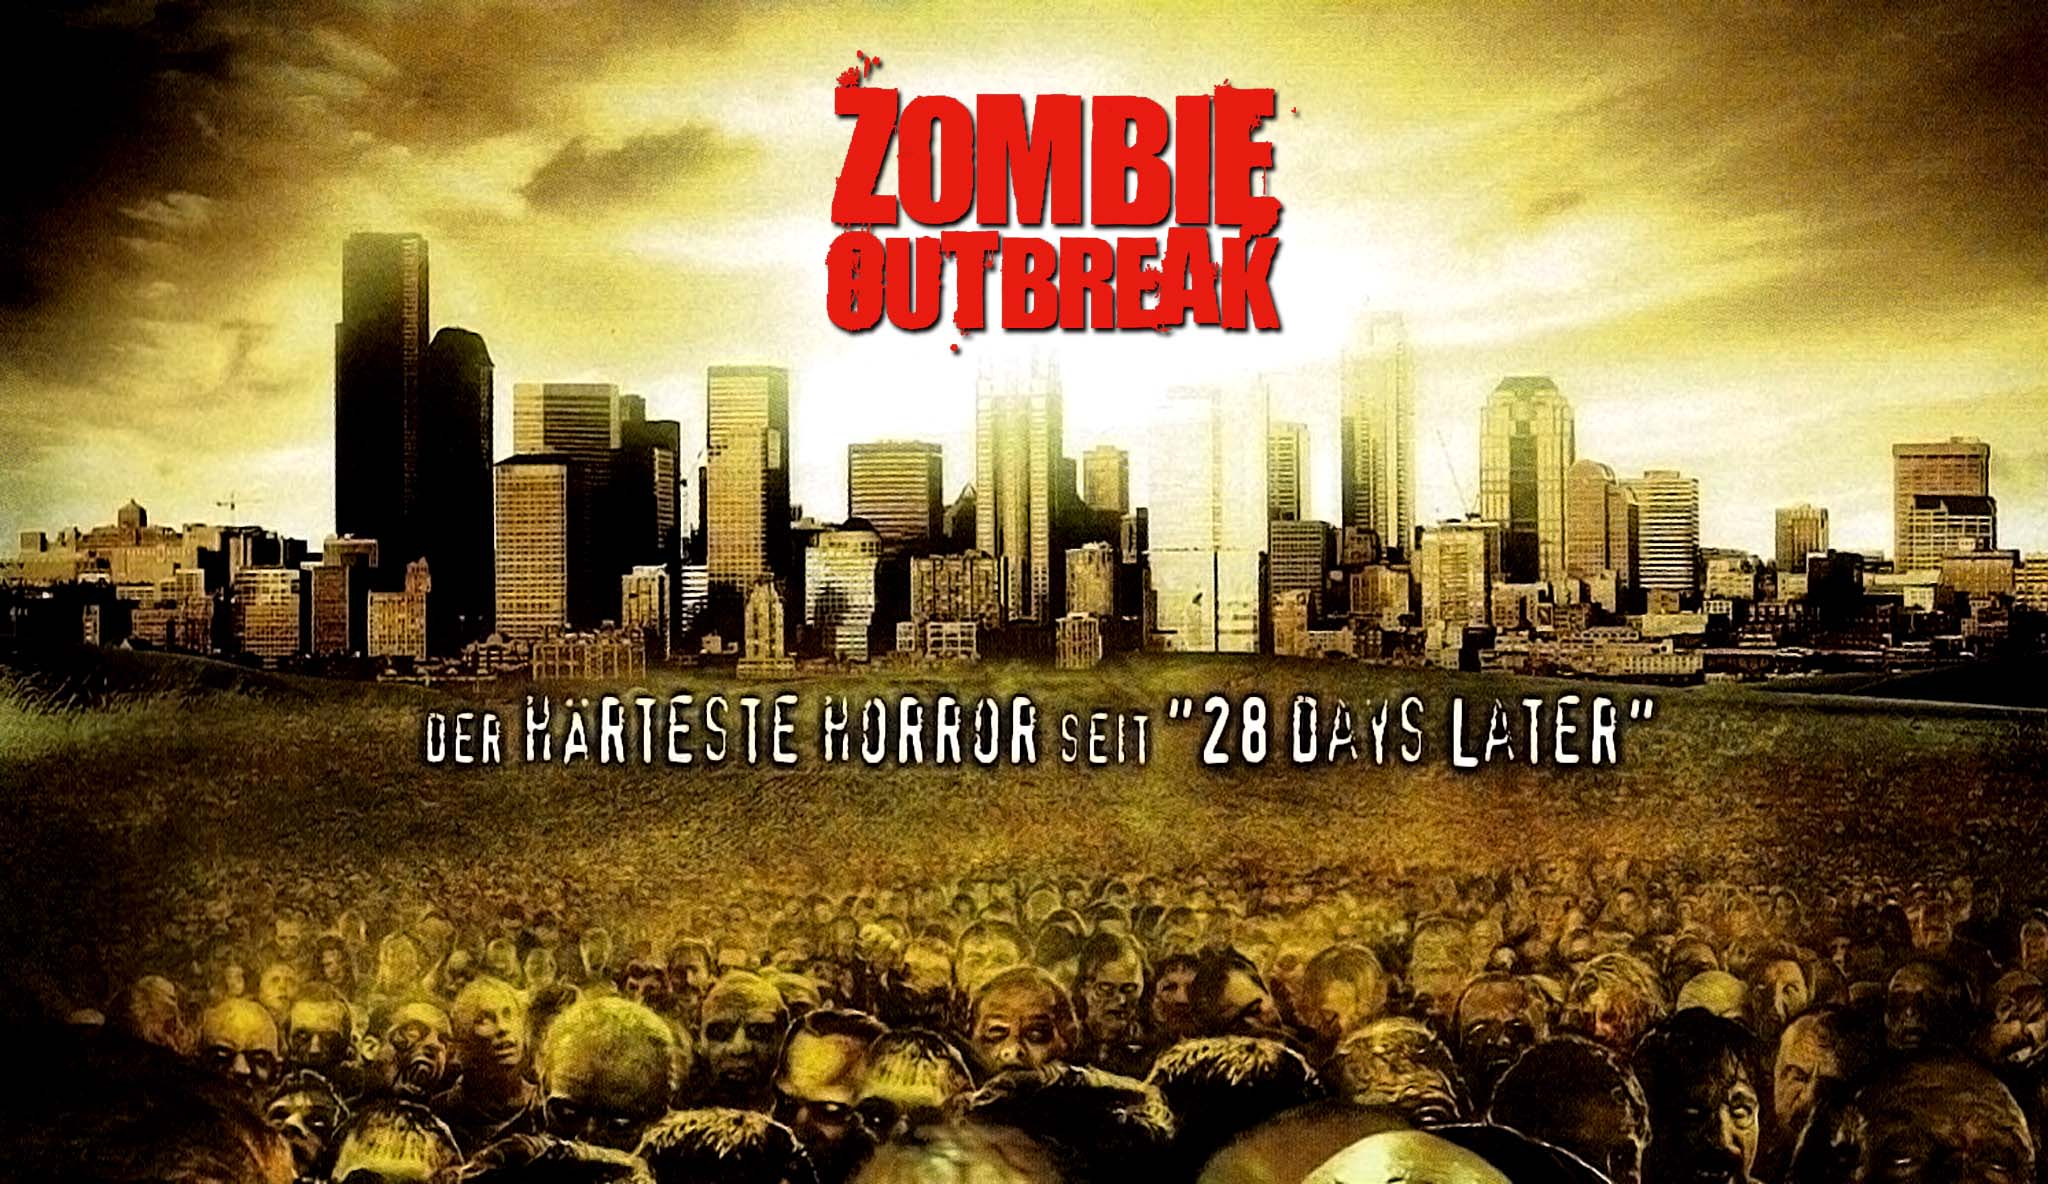 zombie-outbreak\header.jpg